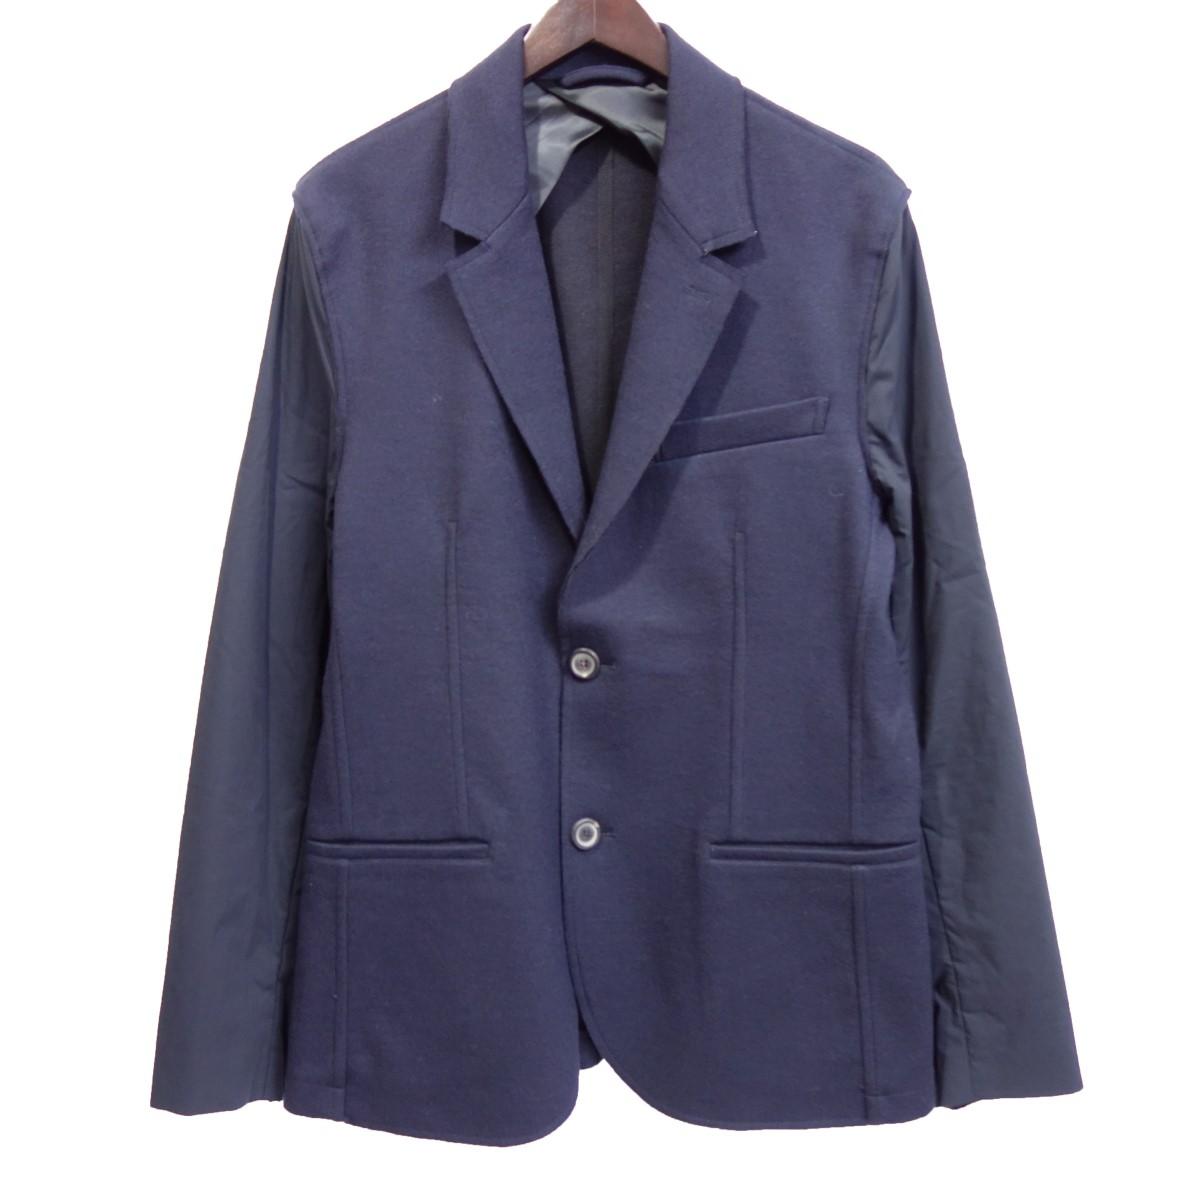 【中古】LANVIN 袖切替ウールテーラードジャケット ブラック×ネイビー サイズ:48 【080420】(ランバン)